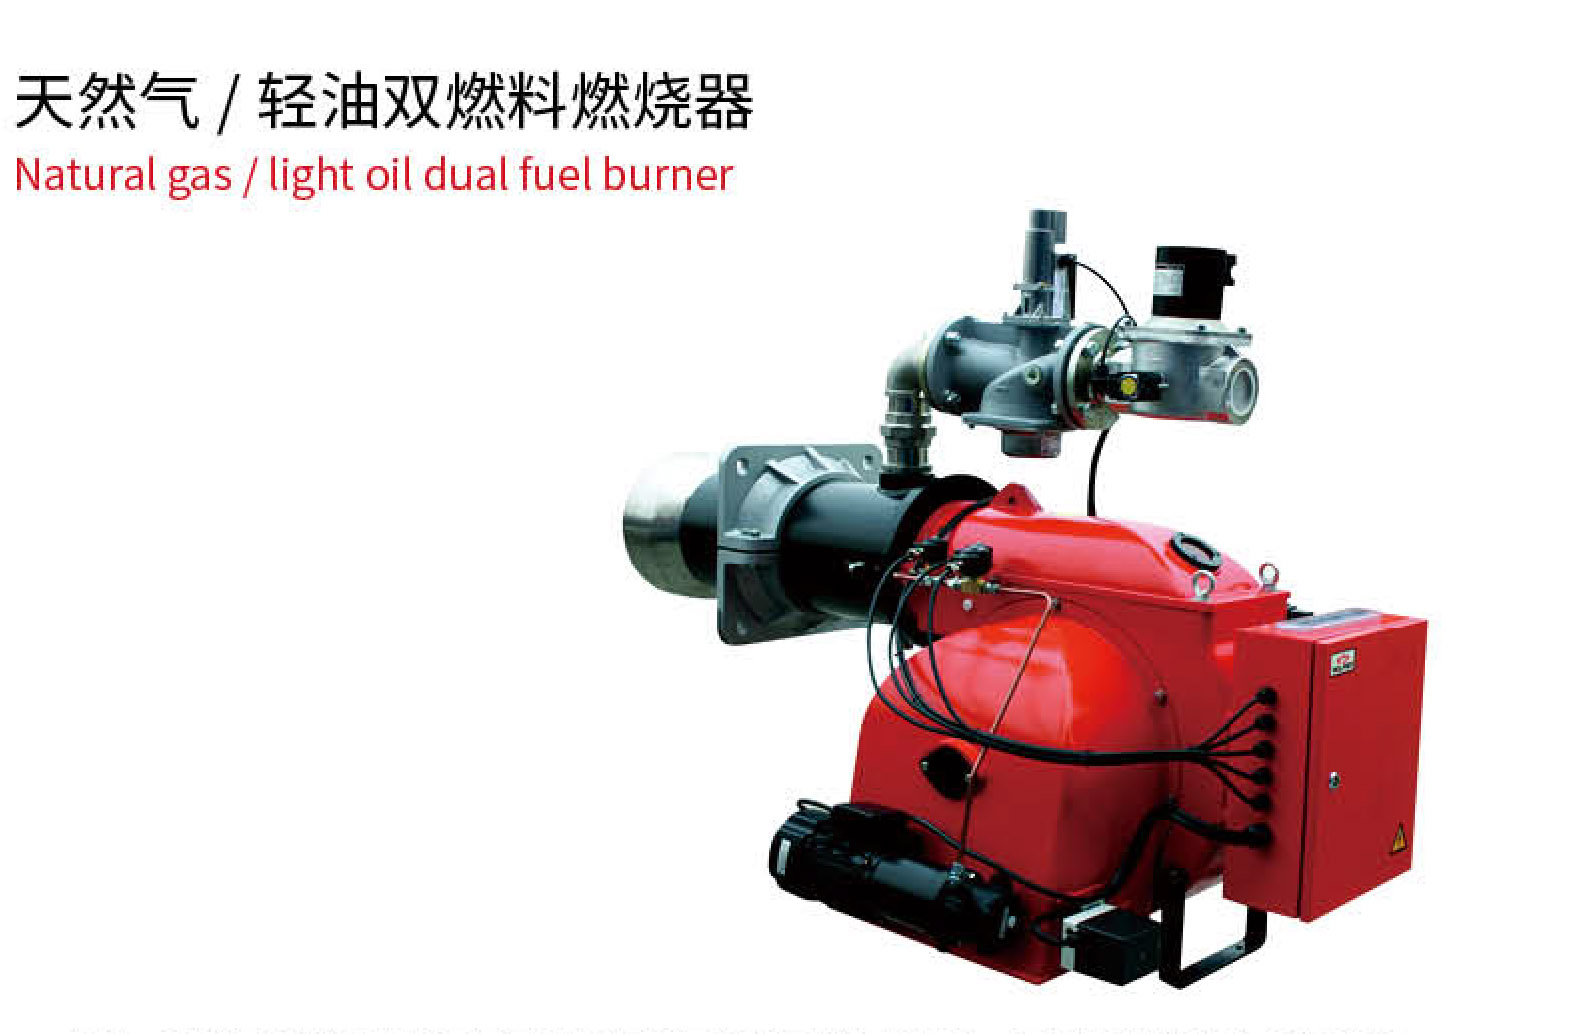 轻油燃烧器价格_郑州品牌好的轻油燃烧器厂商